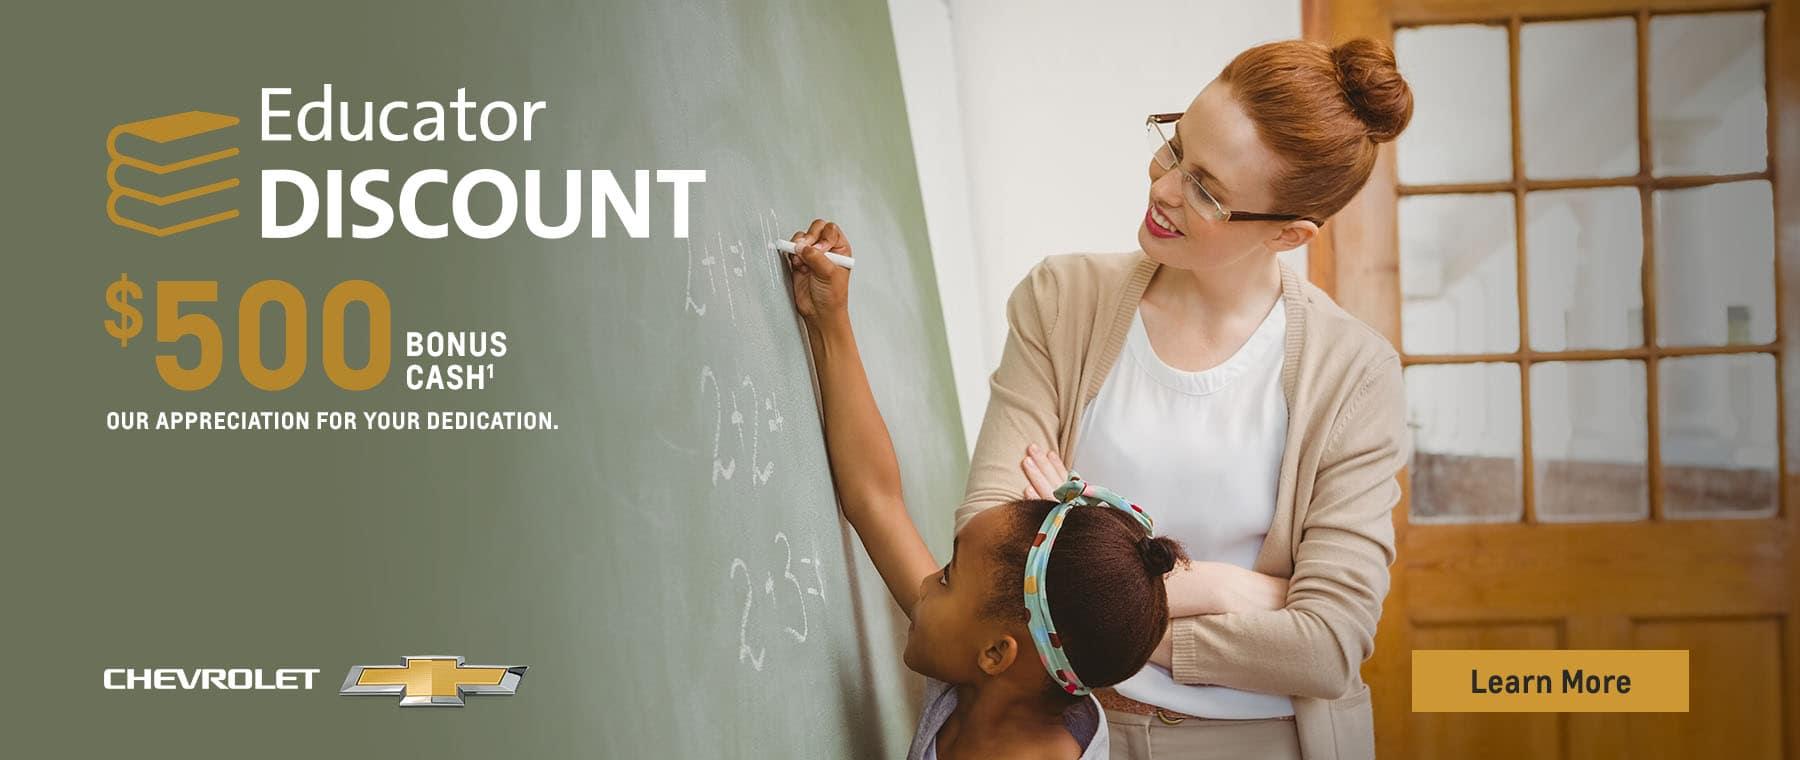 educator homepage